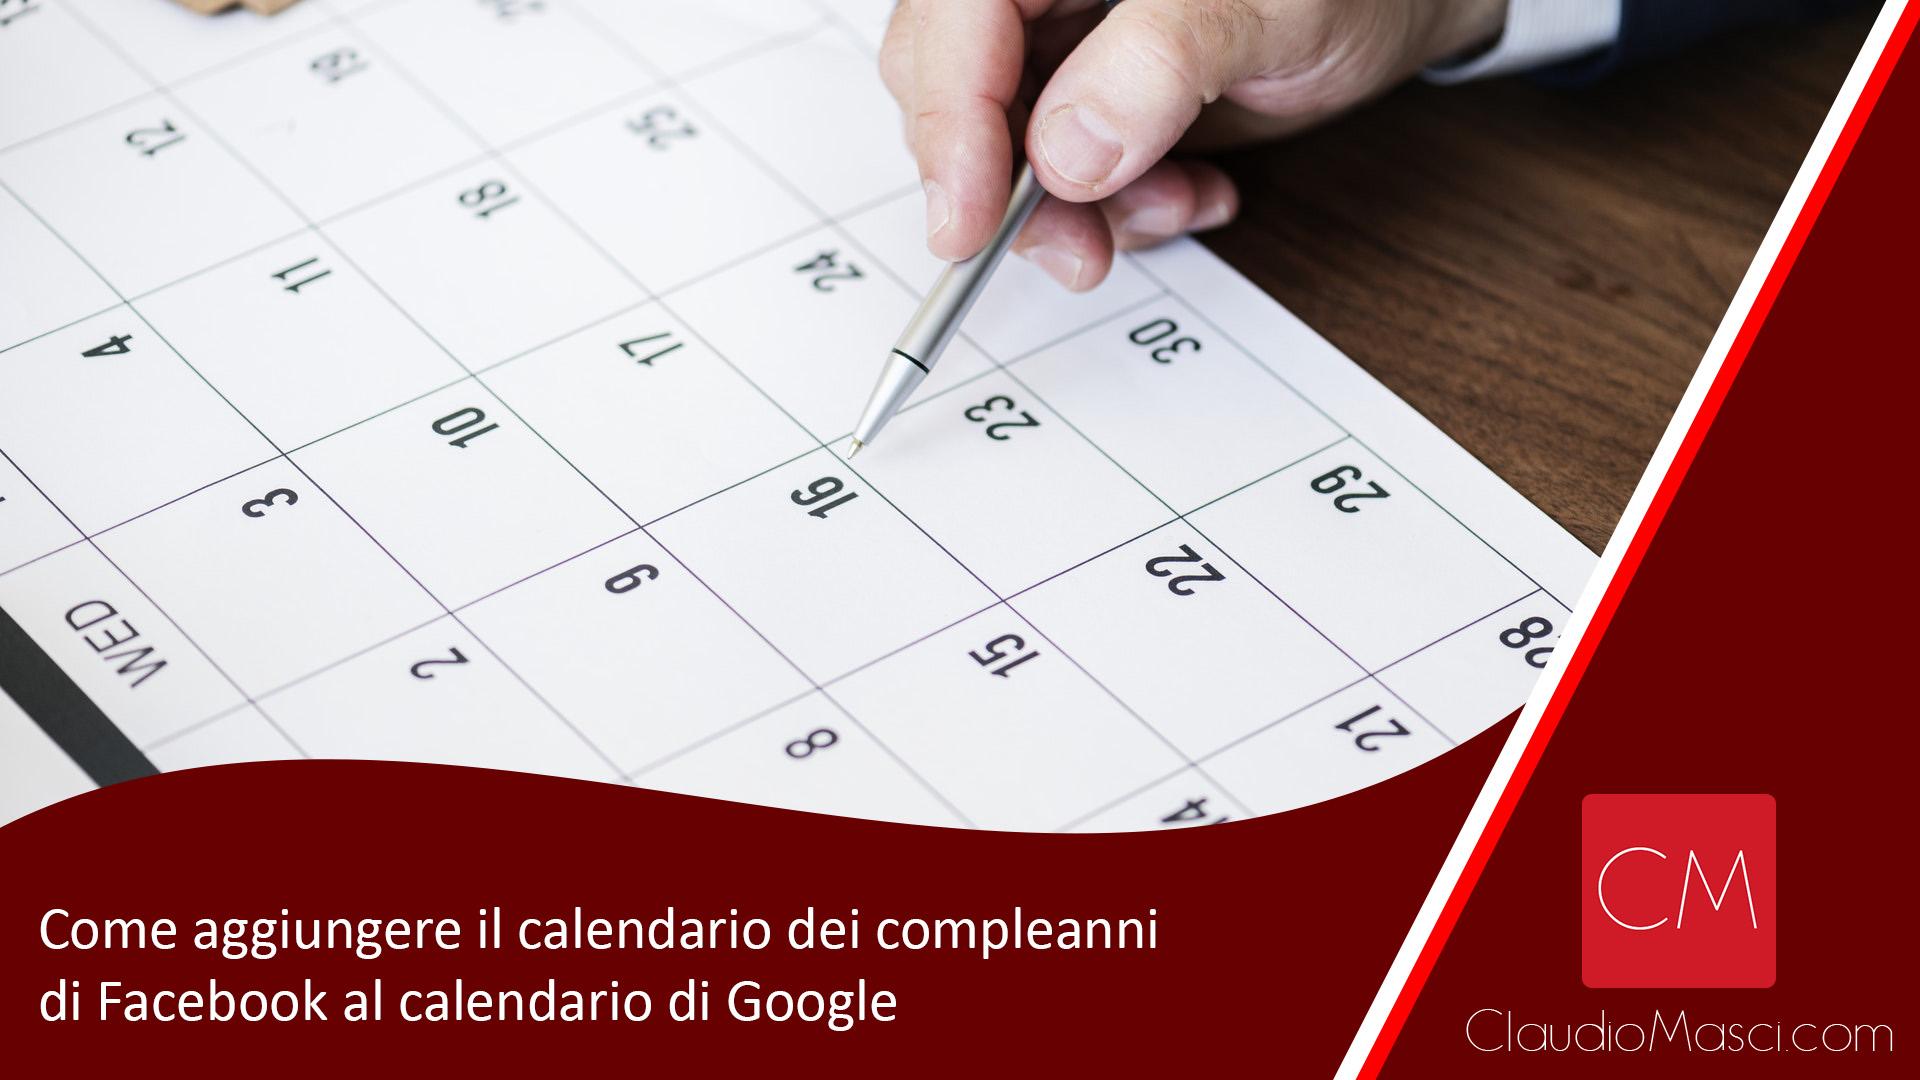 Come aggiungere il calendario dei compleanni di Facebook al calendario di Google